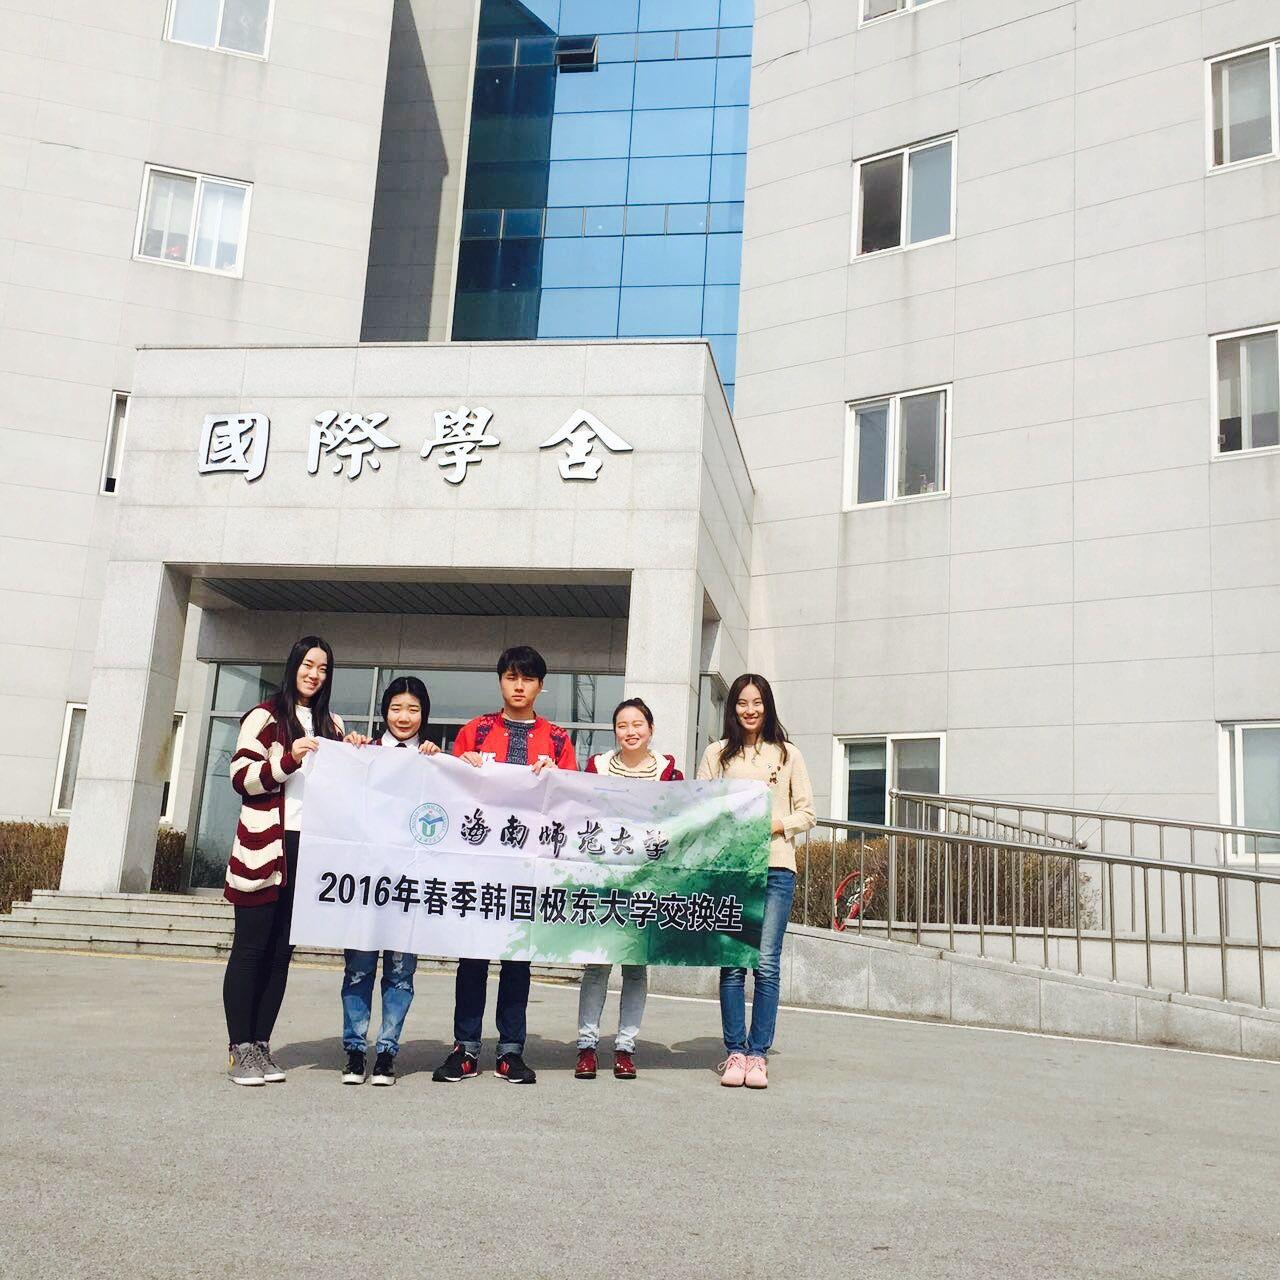 关于选拔在校学生赴韩国极东大学学习的通知